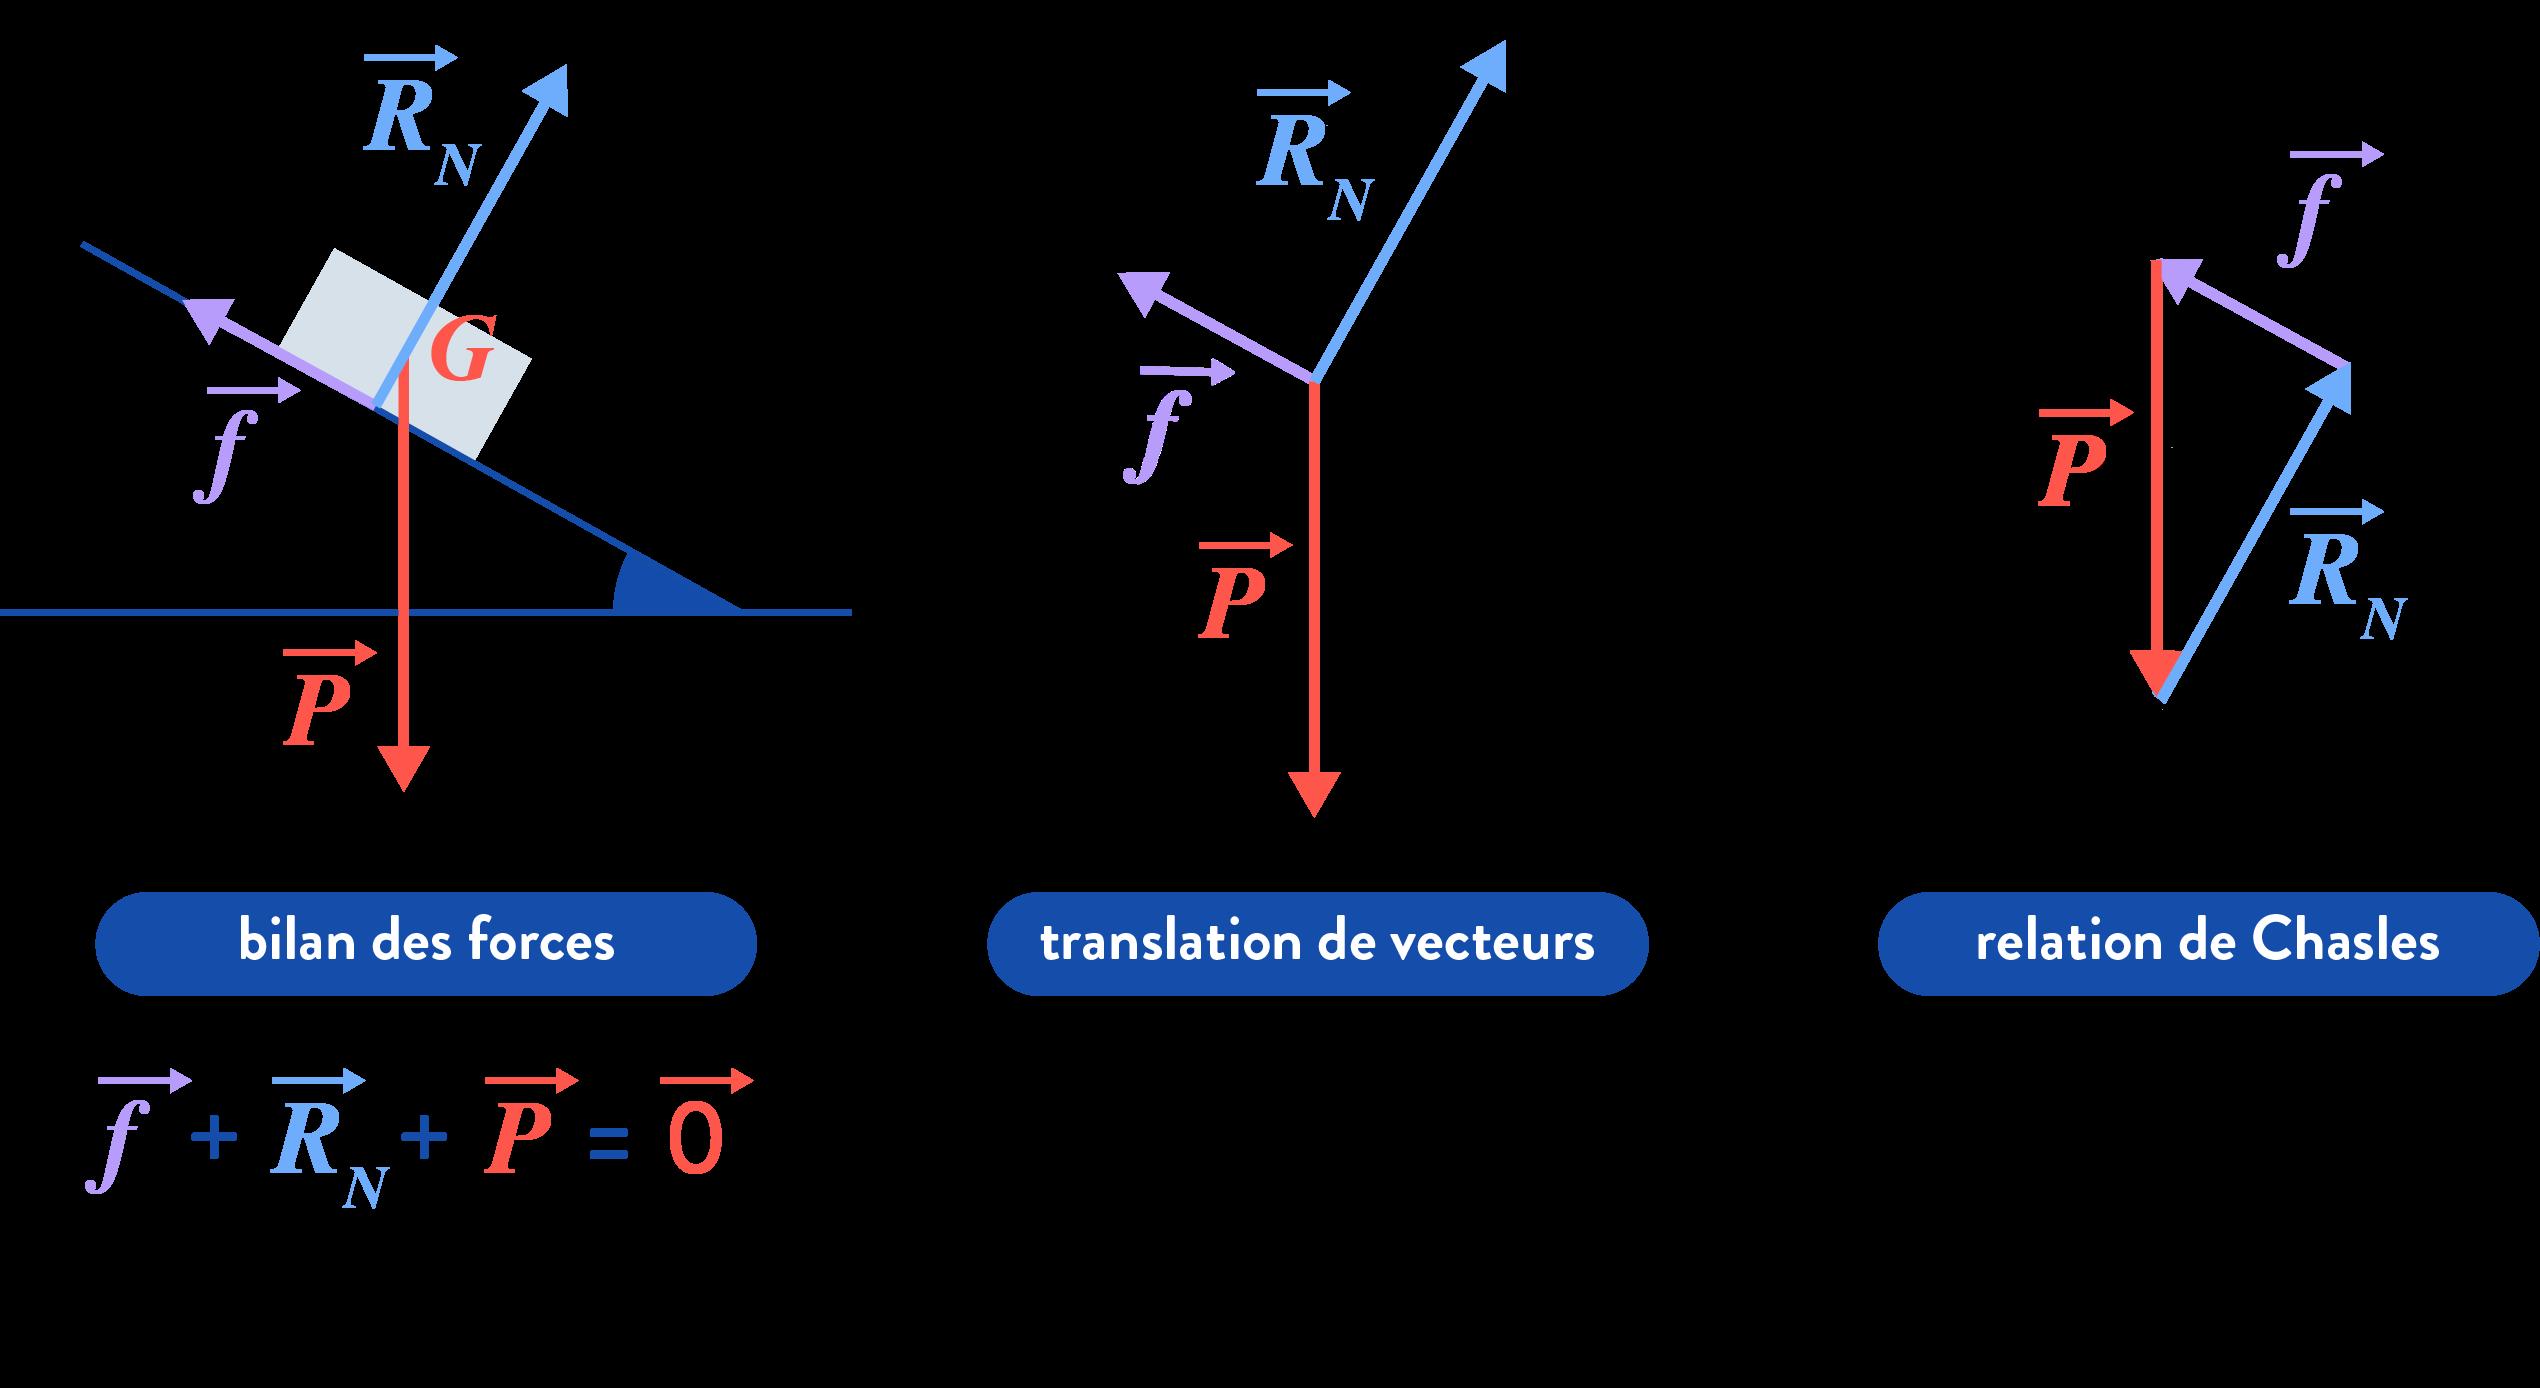 principe d'inertie réciproque trois forces rectiligne uniforme